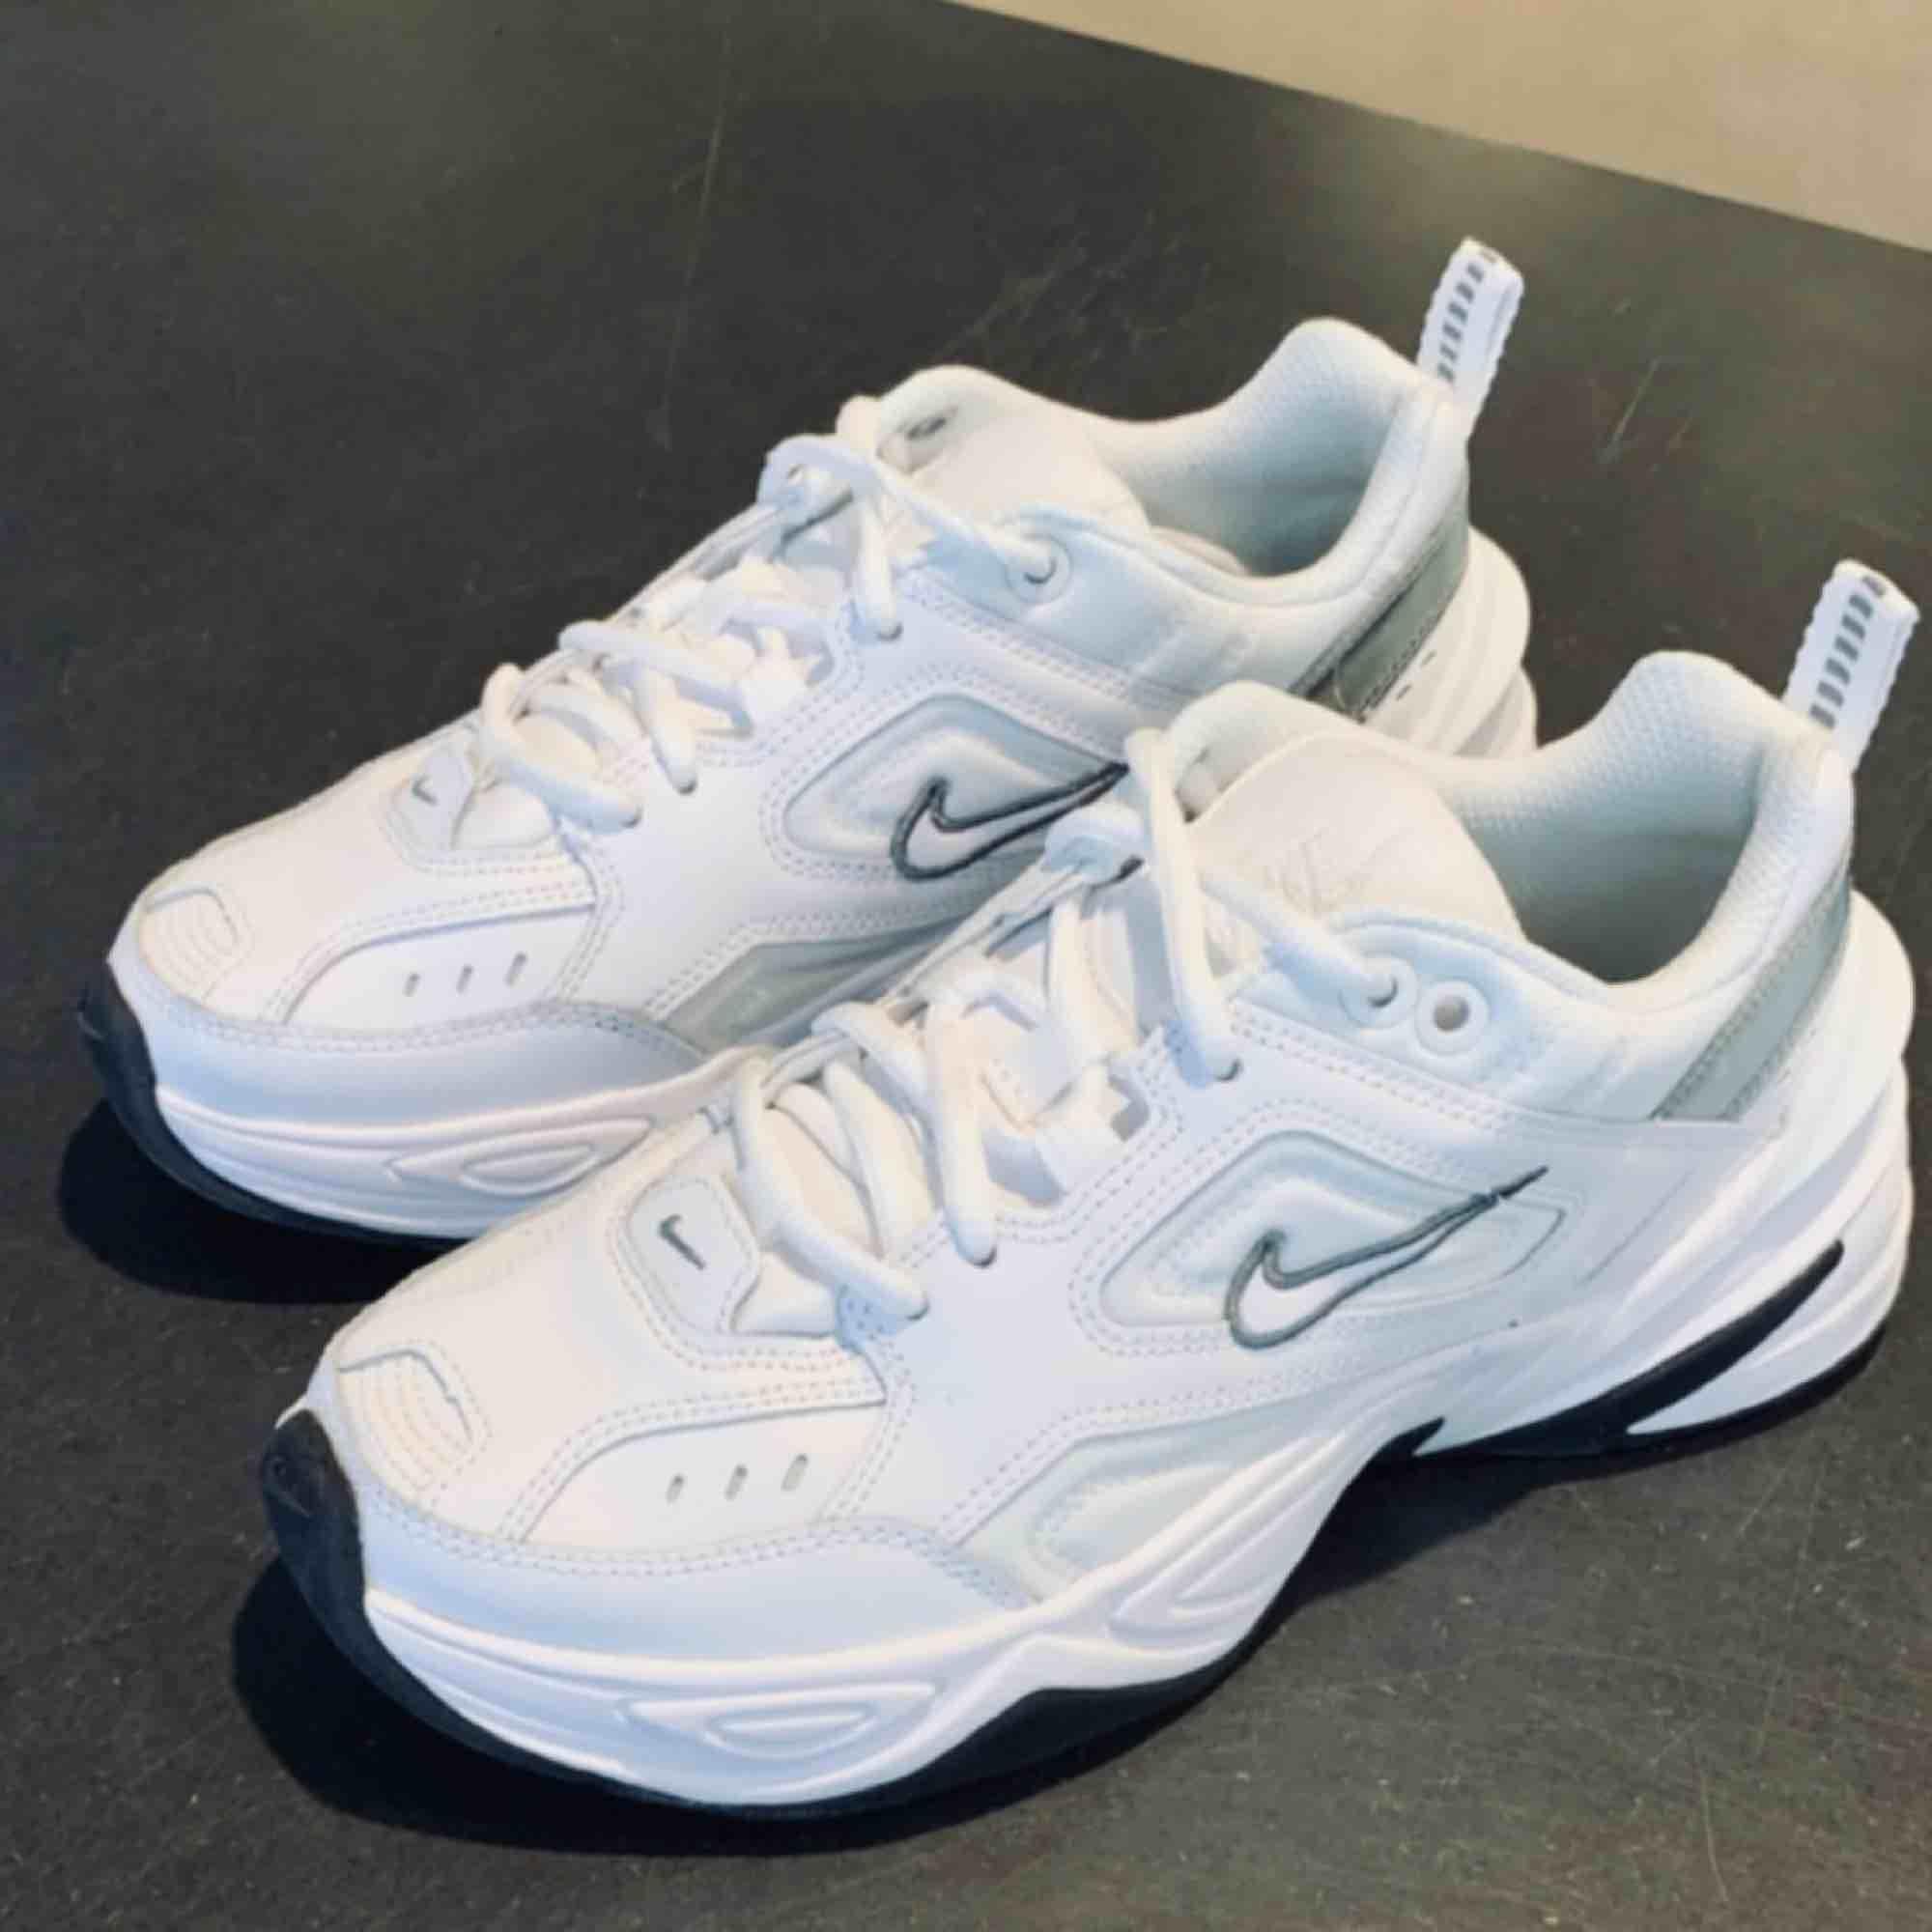 """Säljer ett par helt nya sneakers från Nike i den populära modellen """"M2K Tekno"""" i storlek 36,5. Kartong medföljer om så önskas.. Skor."""